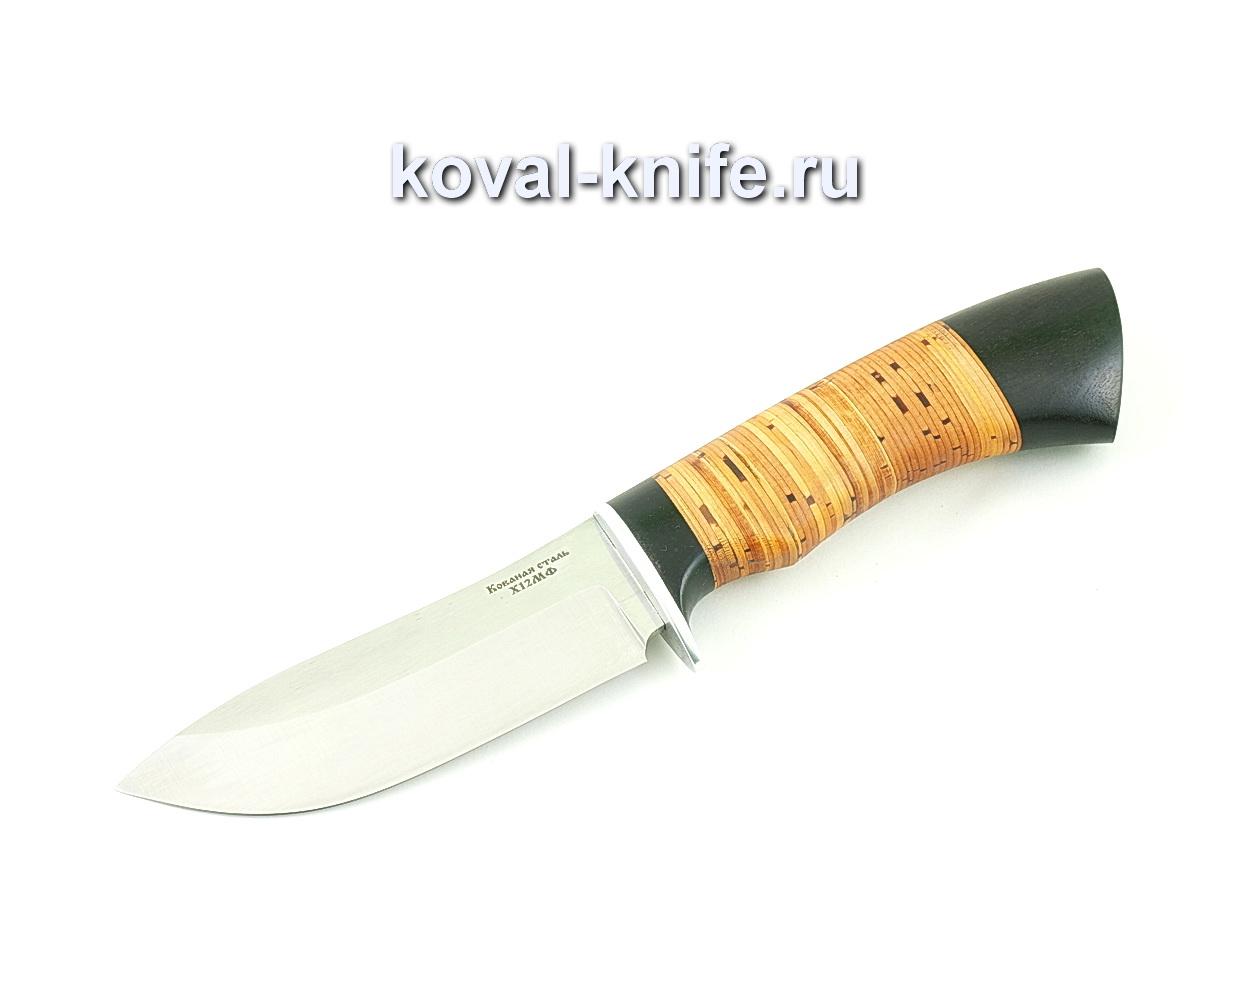 Нож из кованой стали Х12 Кабан (рукоять береста и граб) A506